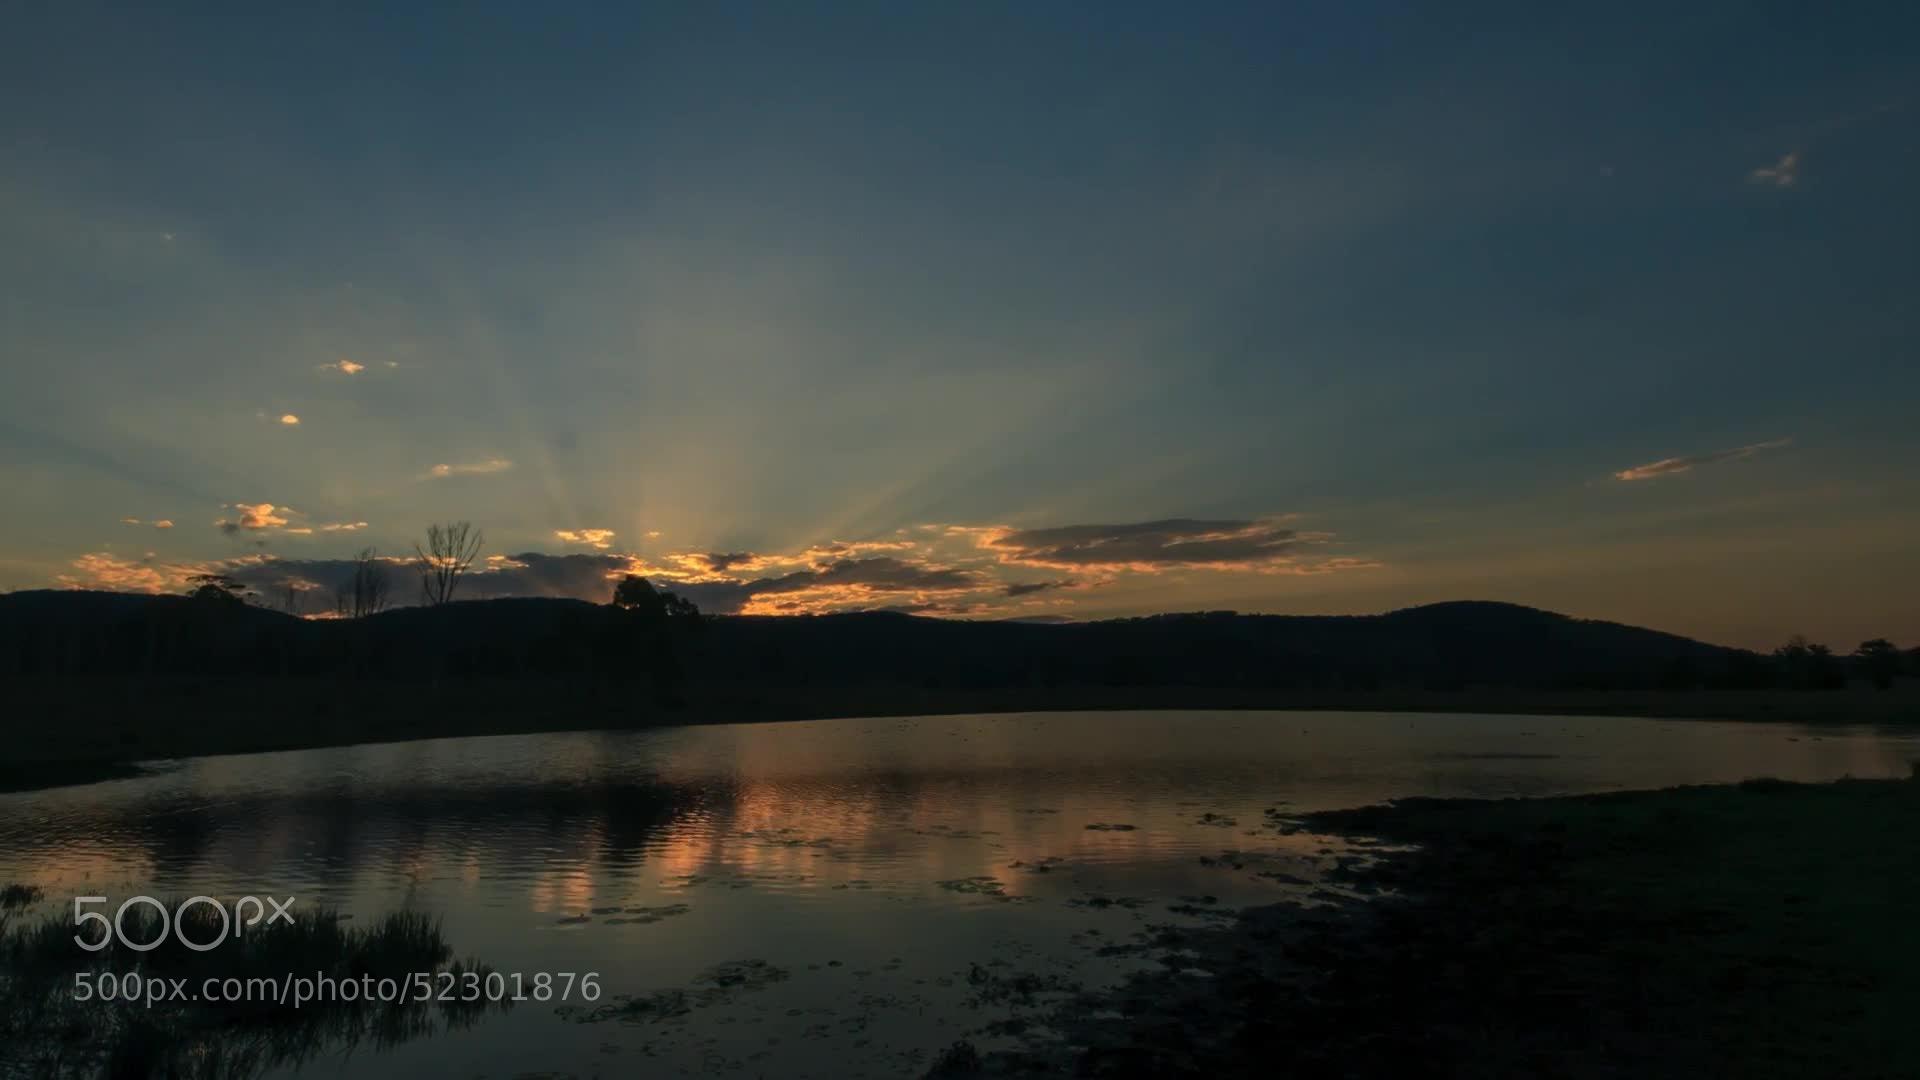 Photograph Lower Wonga Sunset by Matthew Post on 500px